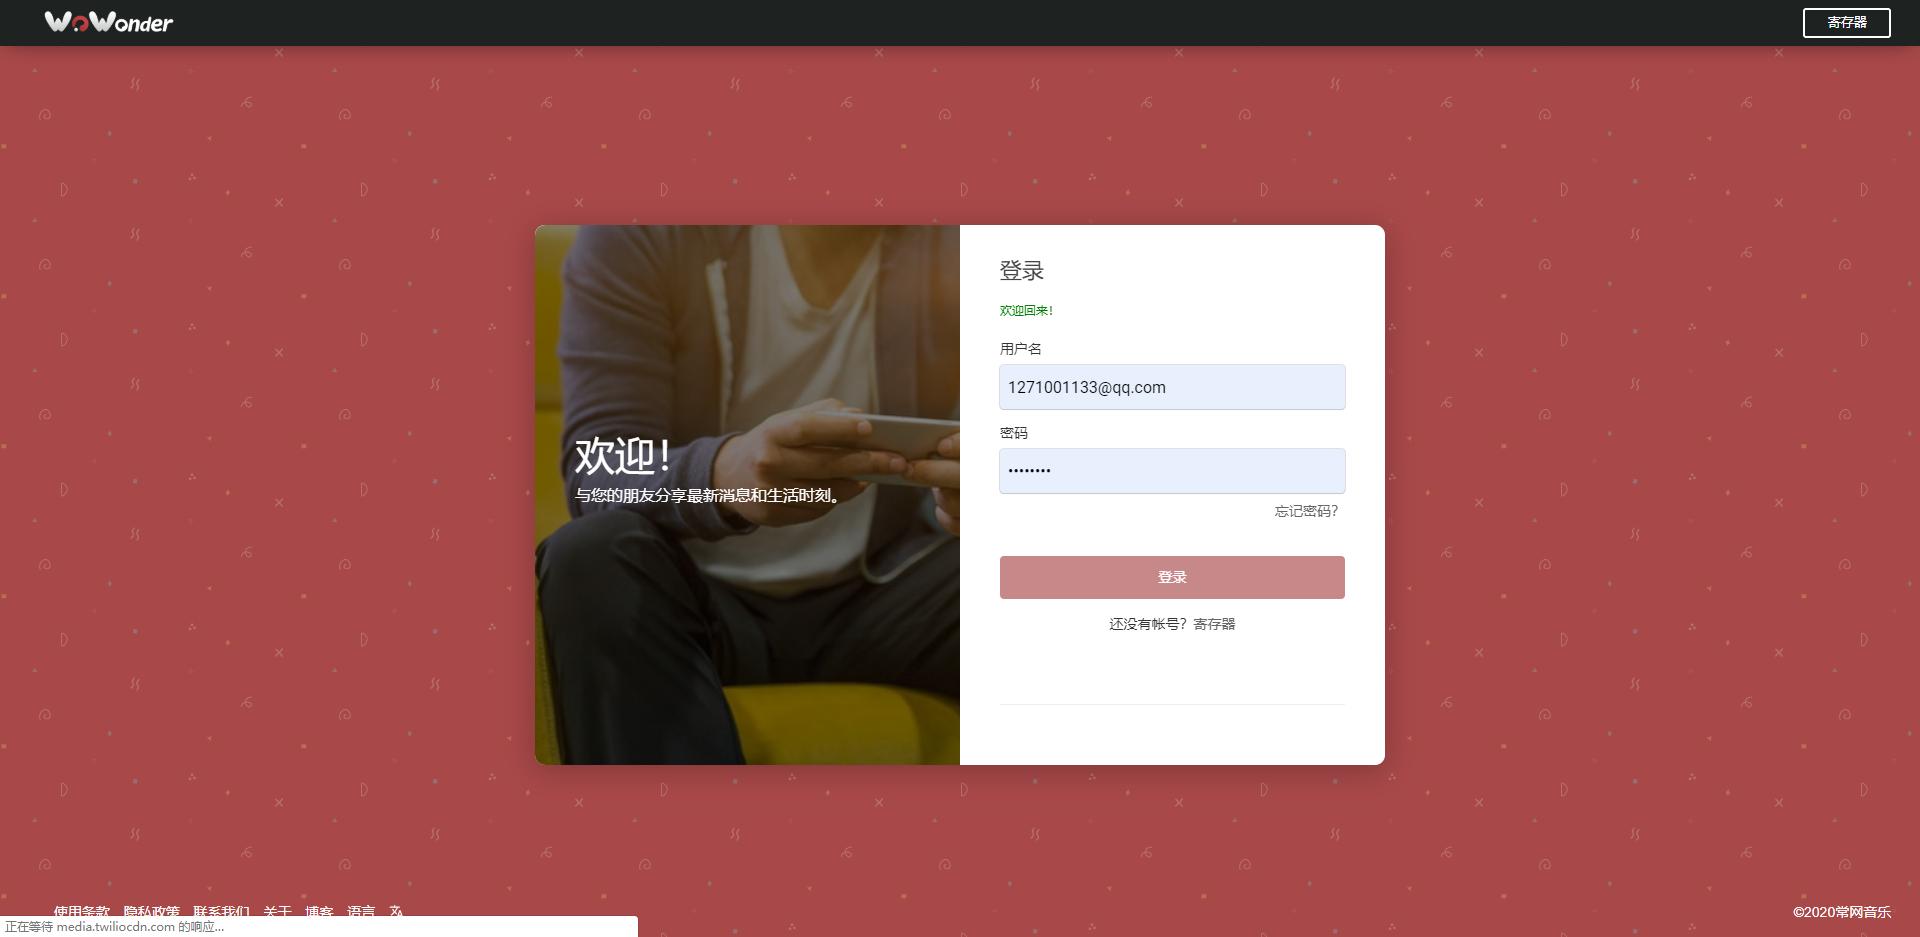 【国外源码】WoWonder v2.5.2终极社交网站源码-常网小站Miknio